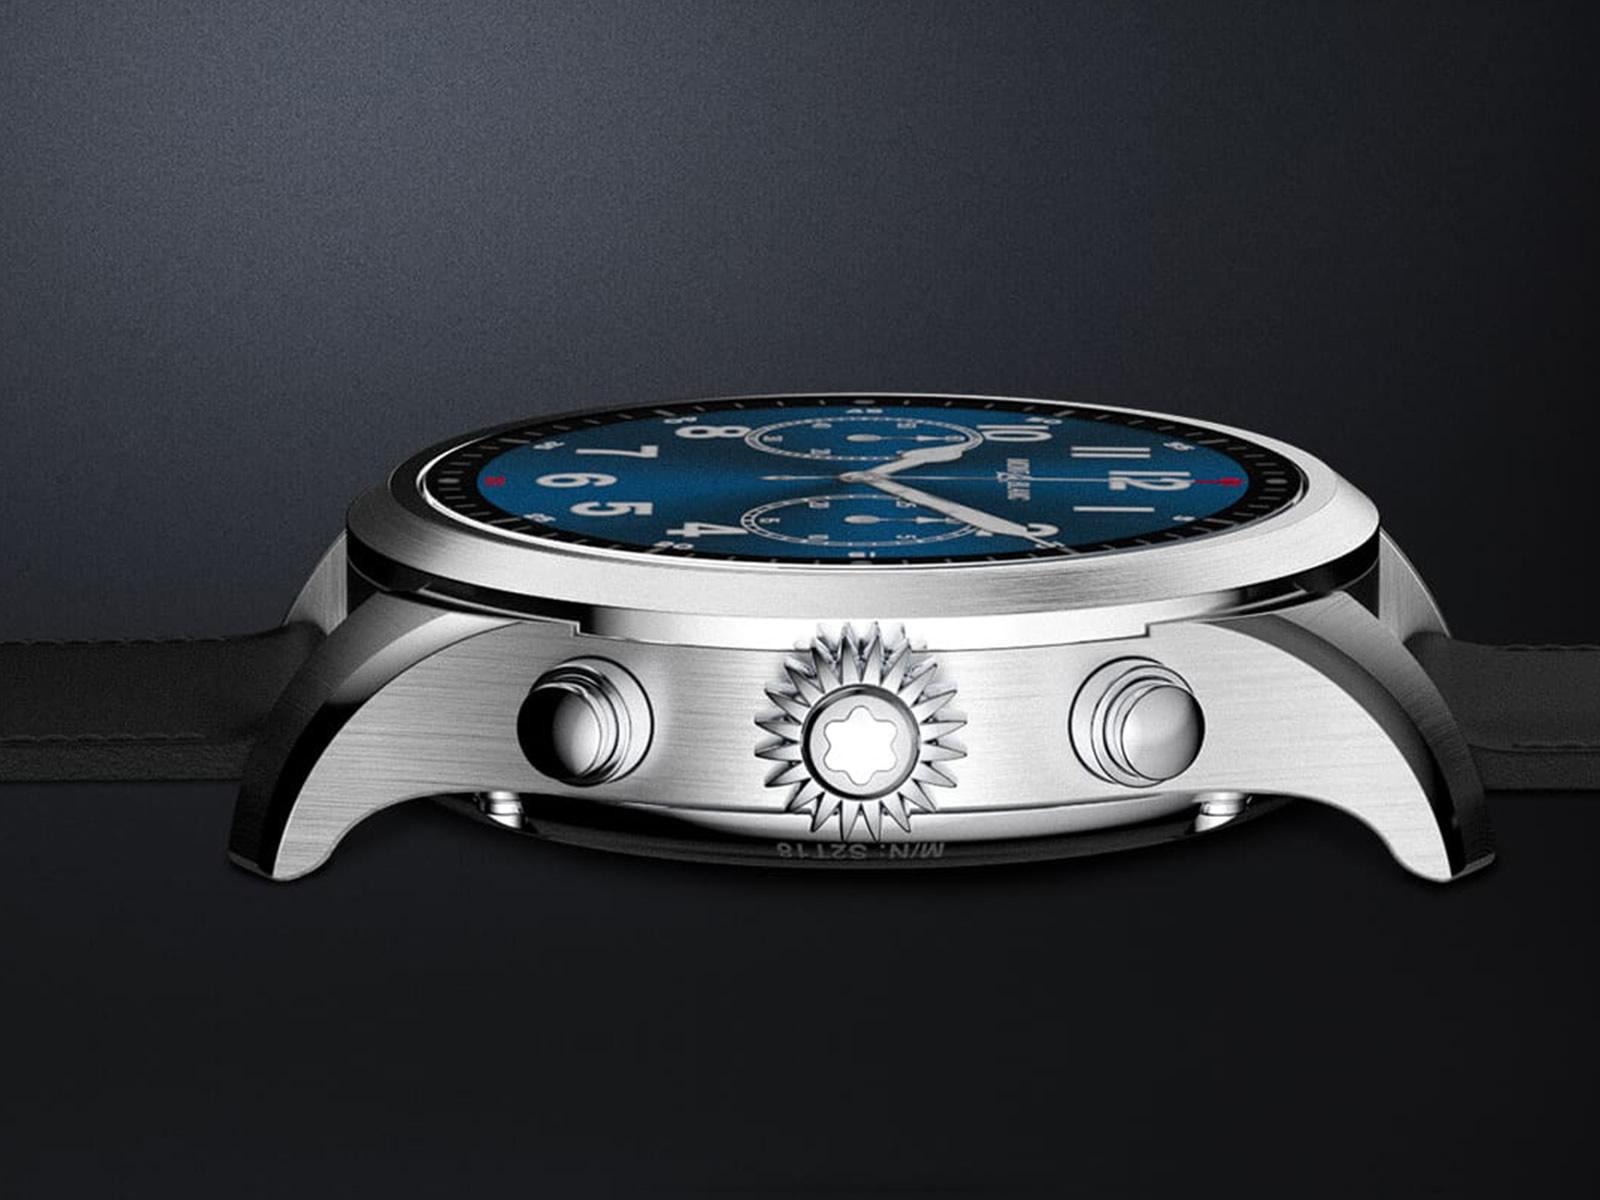 montblanc-summit-2-smartwatch-9-.jpg